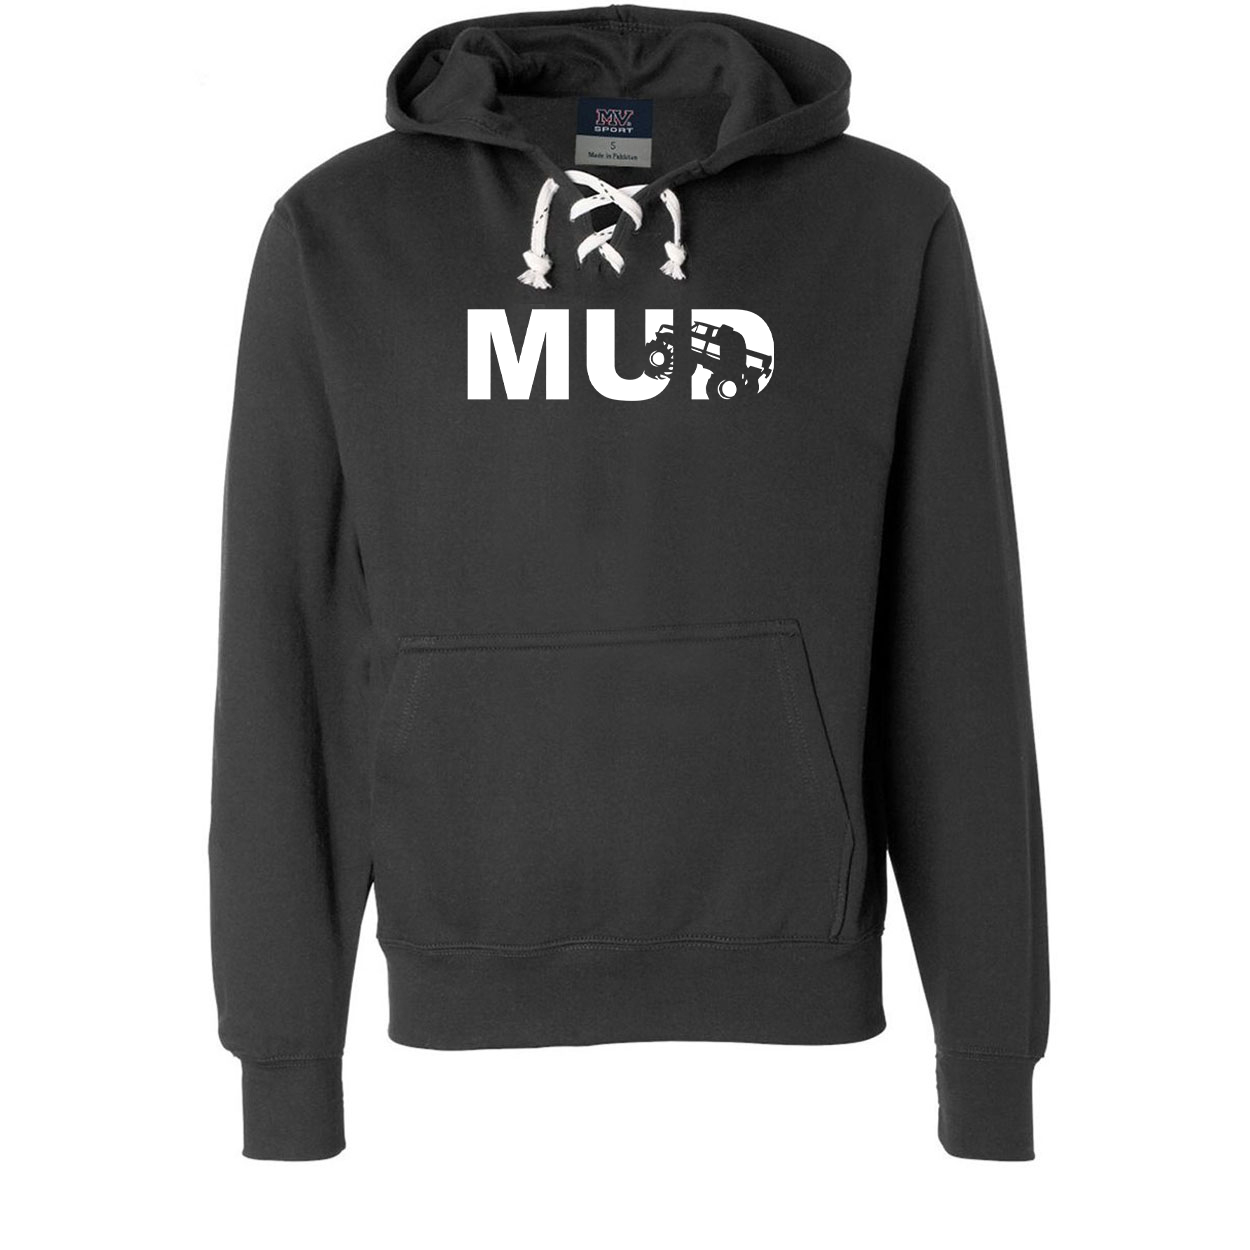 Mud Truck Logo Classic Unisex Premium Hockey Sweatshirt Black (White Logo)